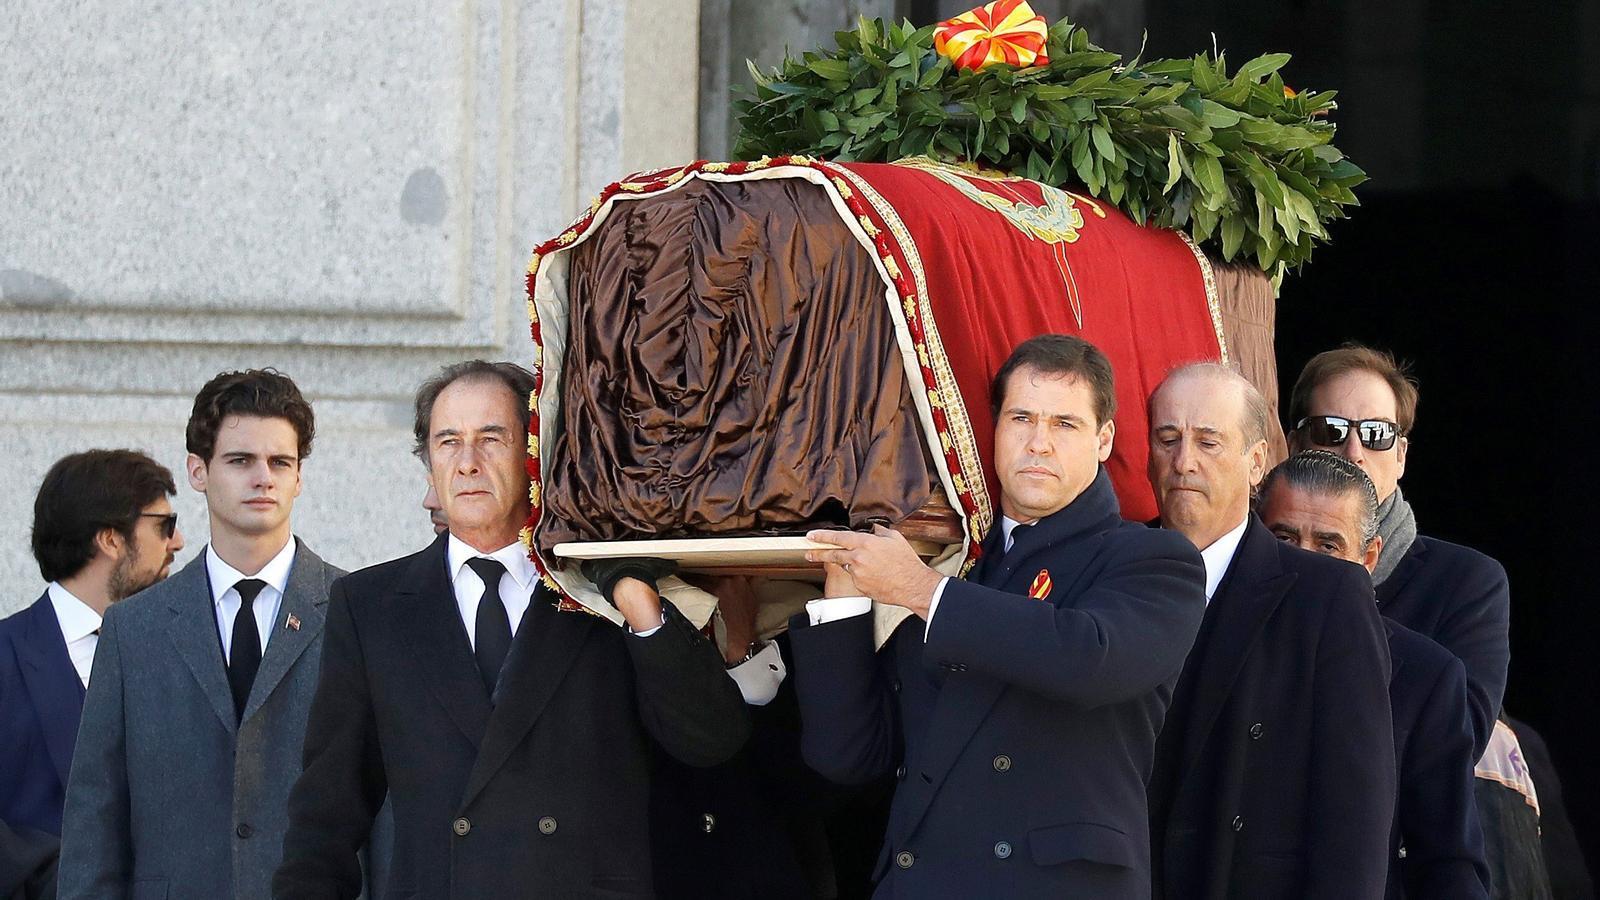 Els feixistes fan de l'exhumació un homenatge a Franco